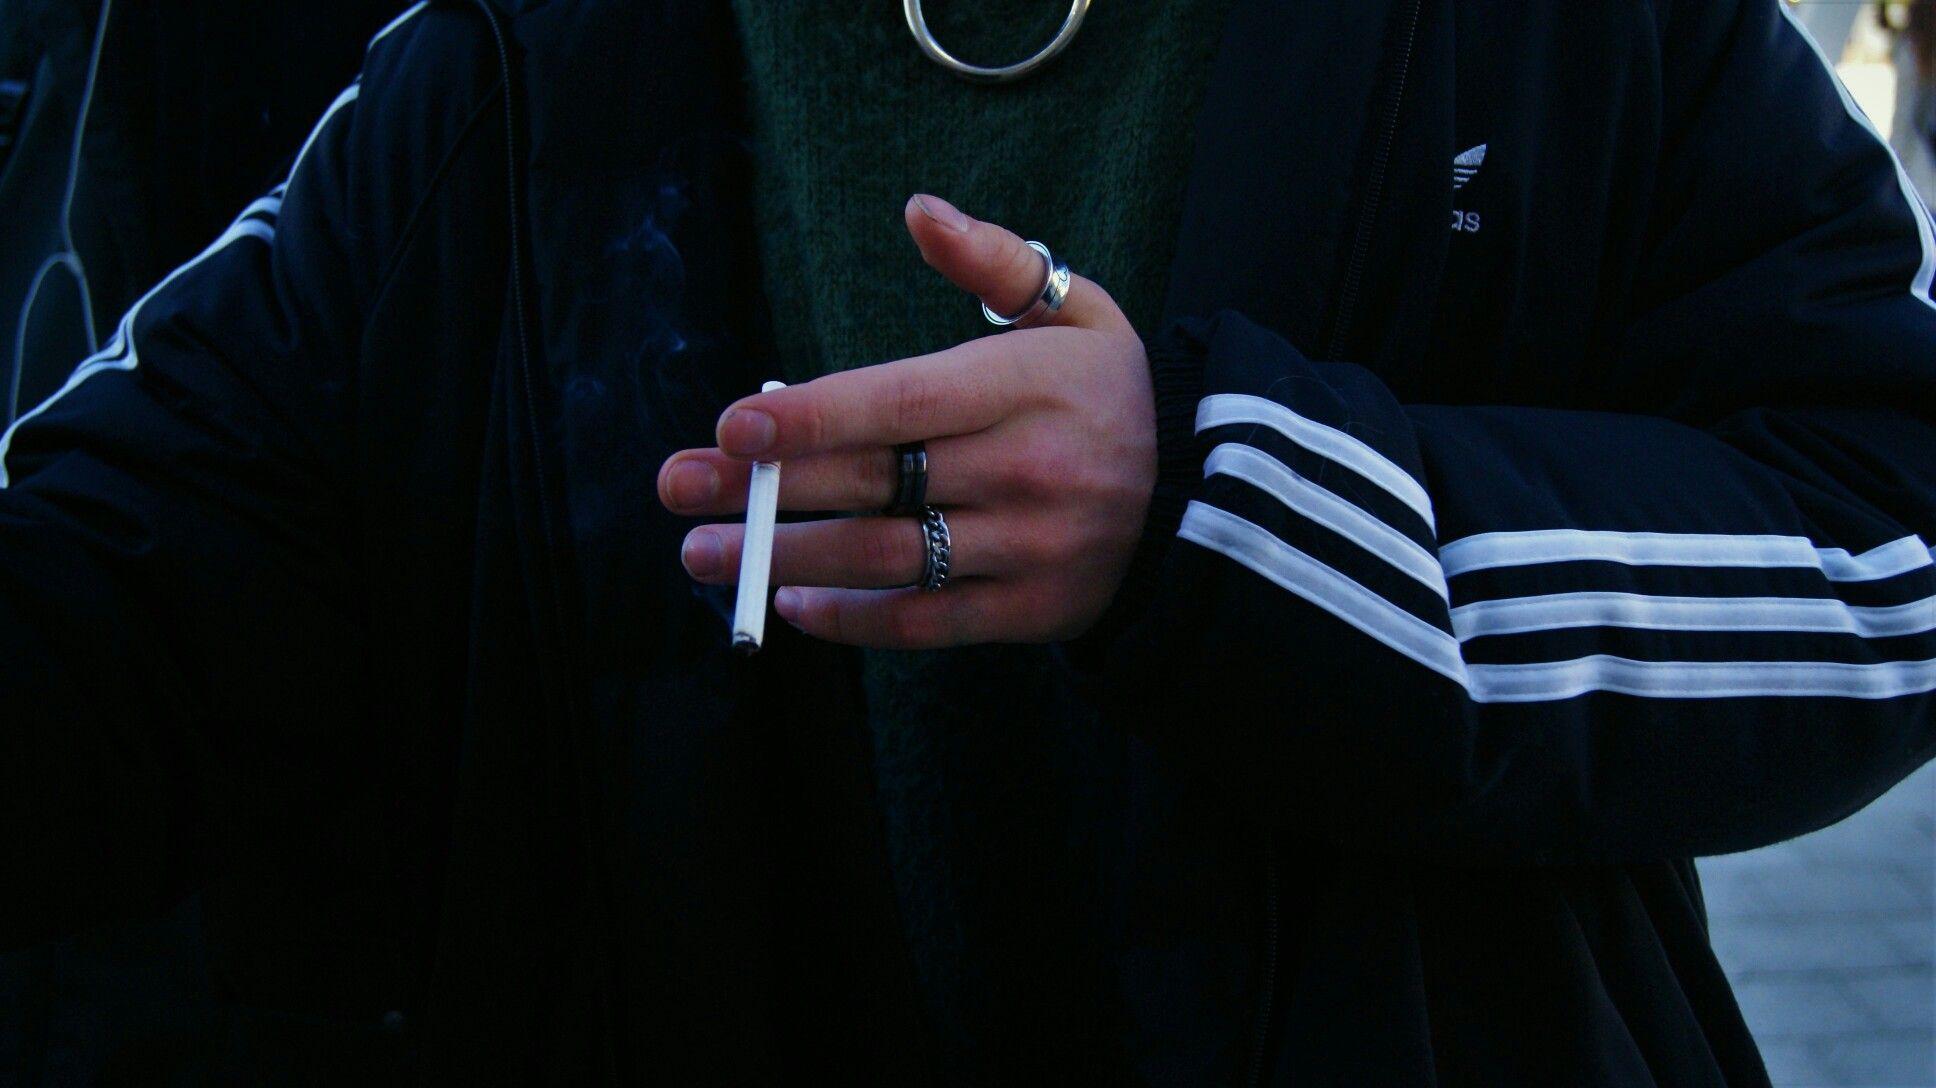 данным ава пацана с сигаретой картинки это человек